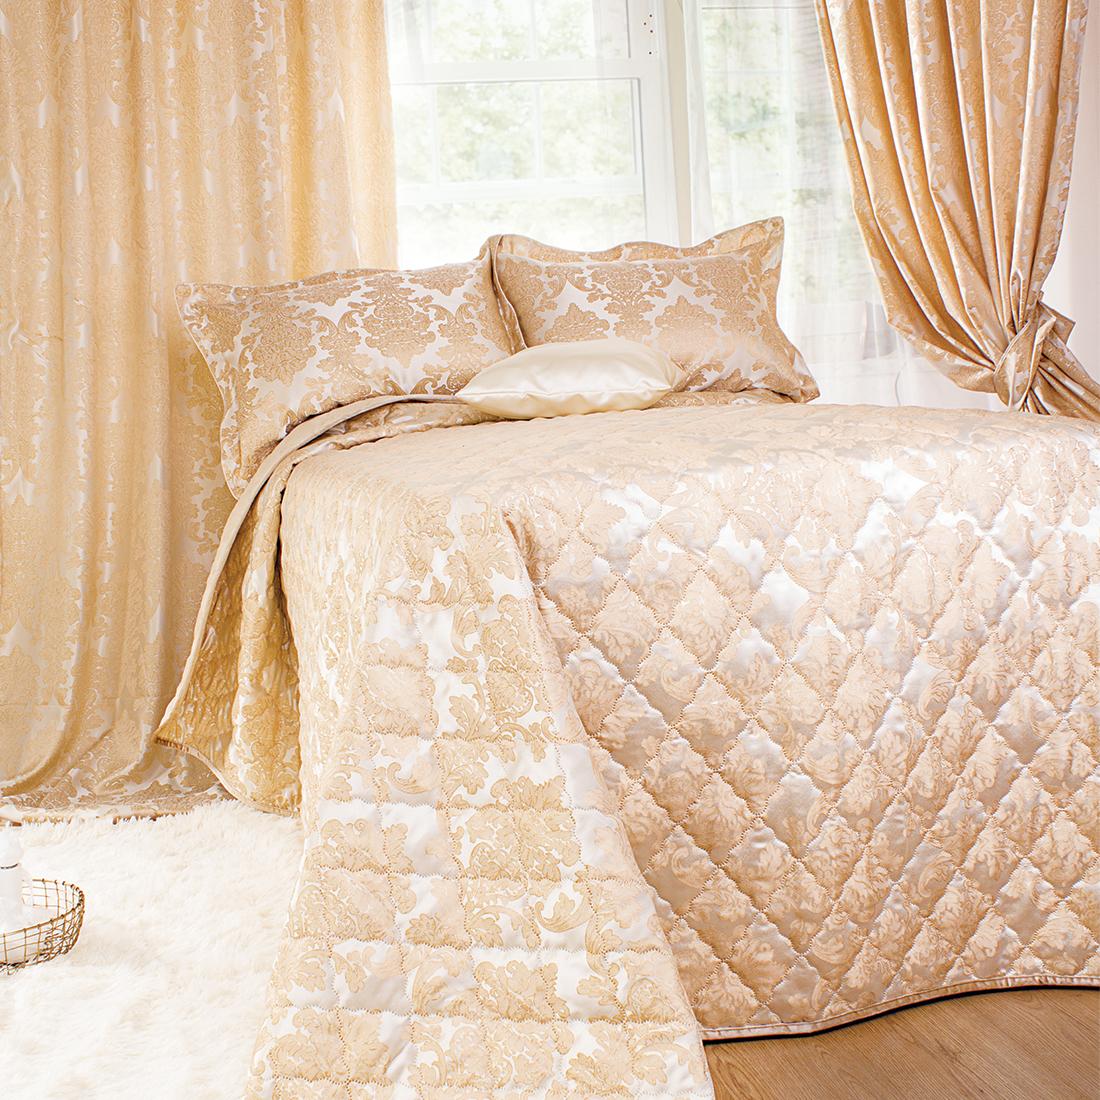 Шторы Мадмуазель Бато Лавуар Комплект штор с покрывалом Шато де Селин Цвет: Золотистый комплект штор с покрывалом для спальни в москве